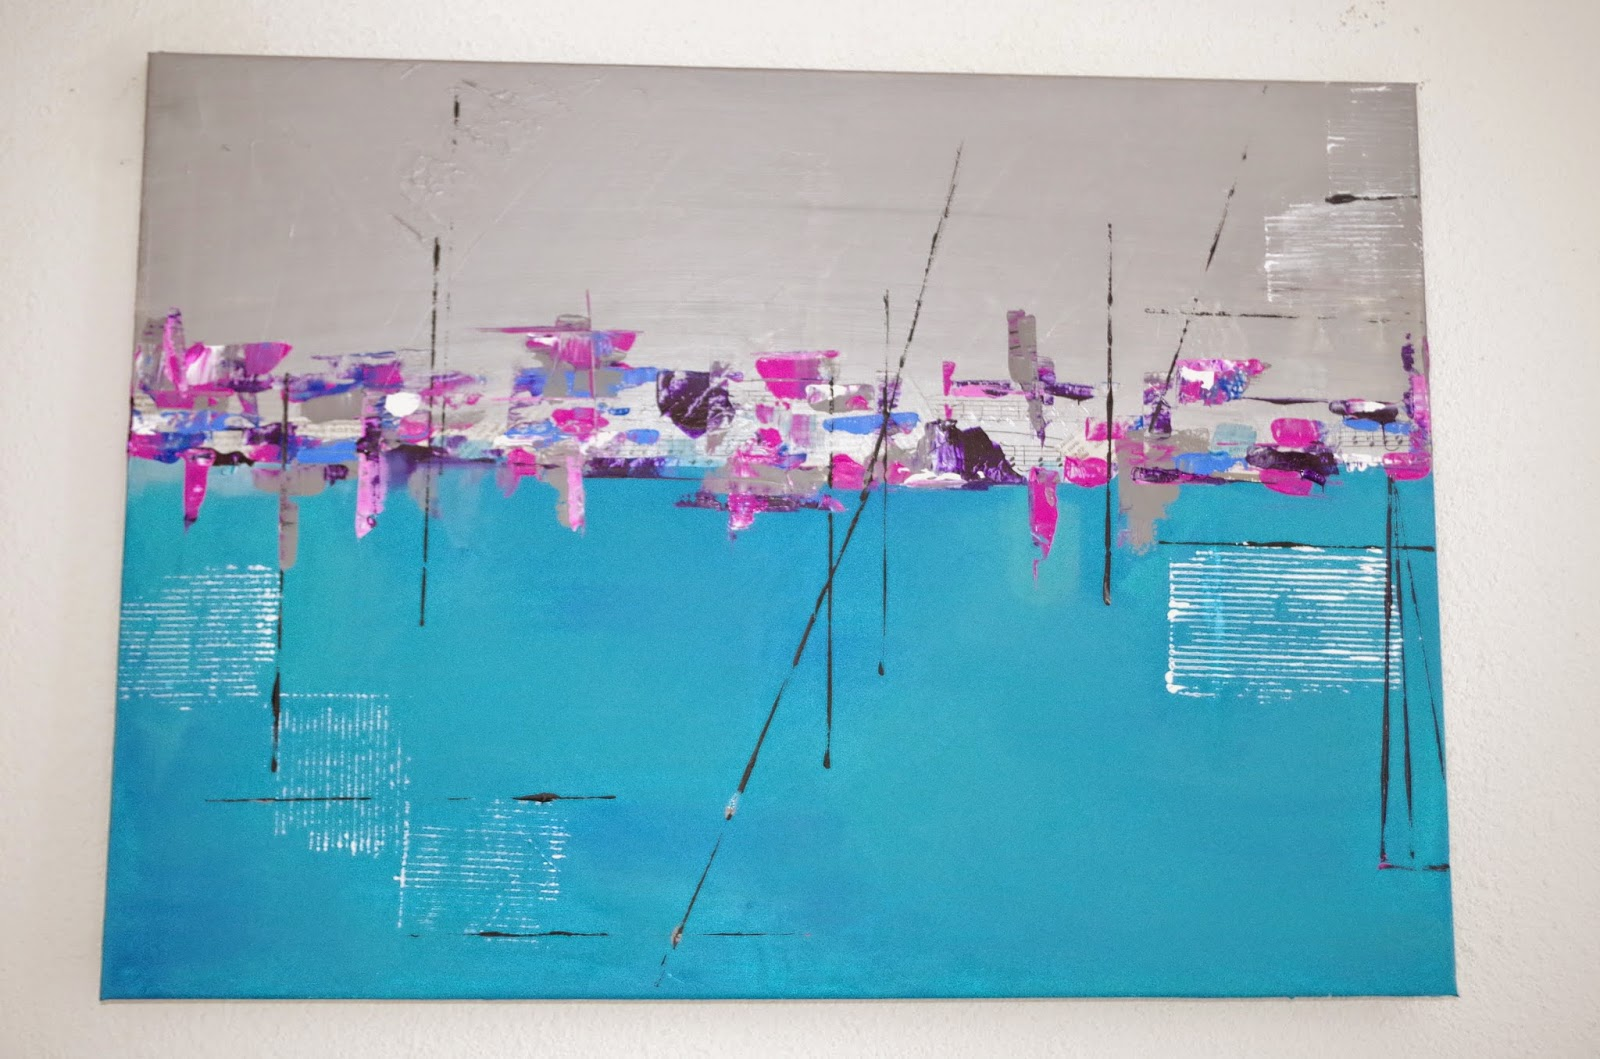 Delph peinture abstrait gris turquoise for Peinture gris turquoise